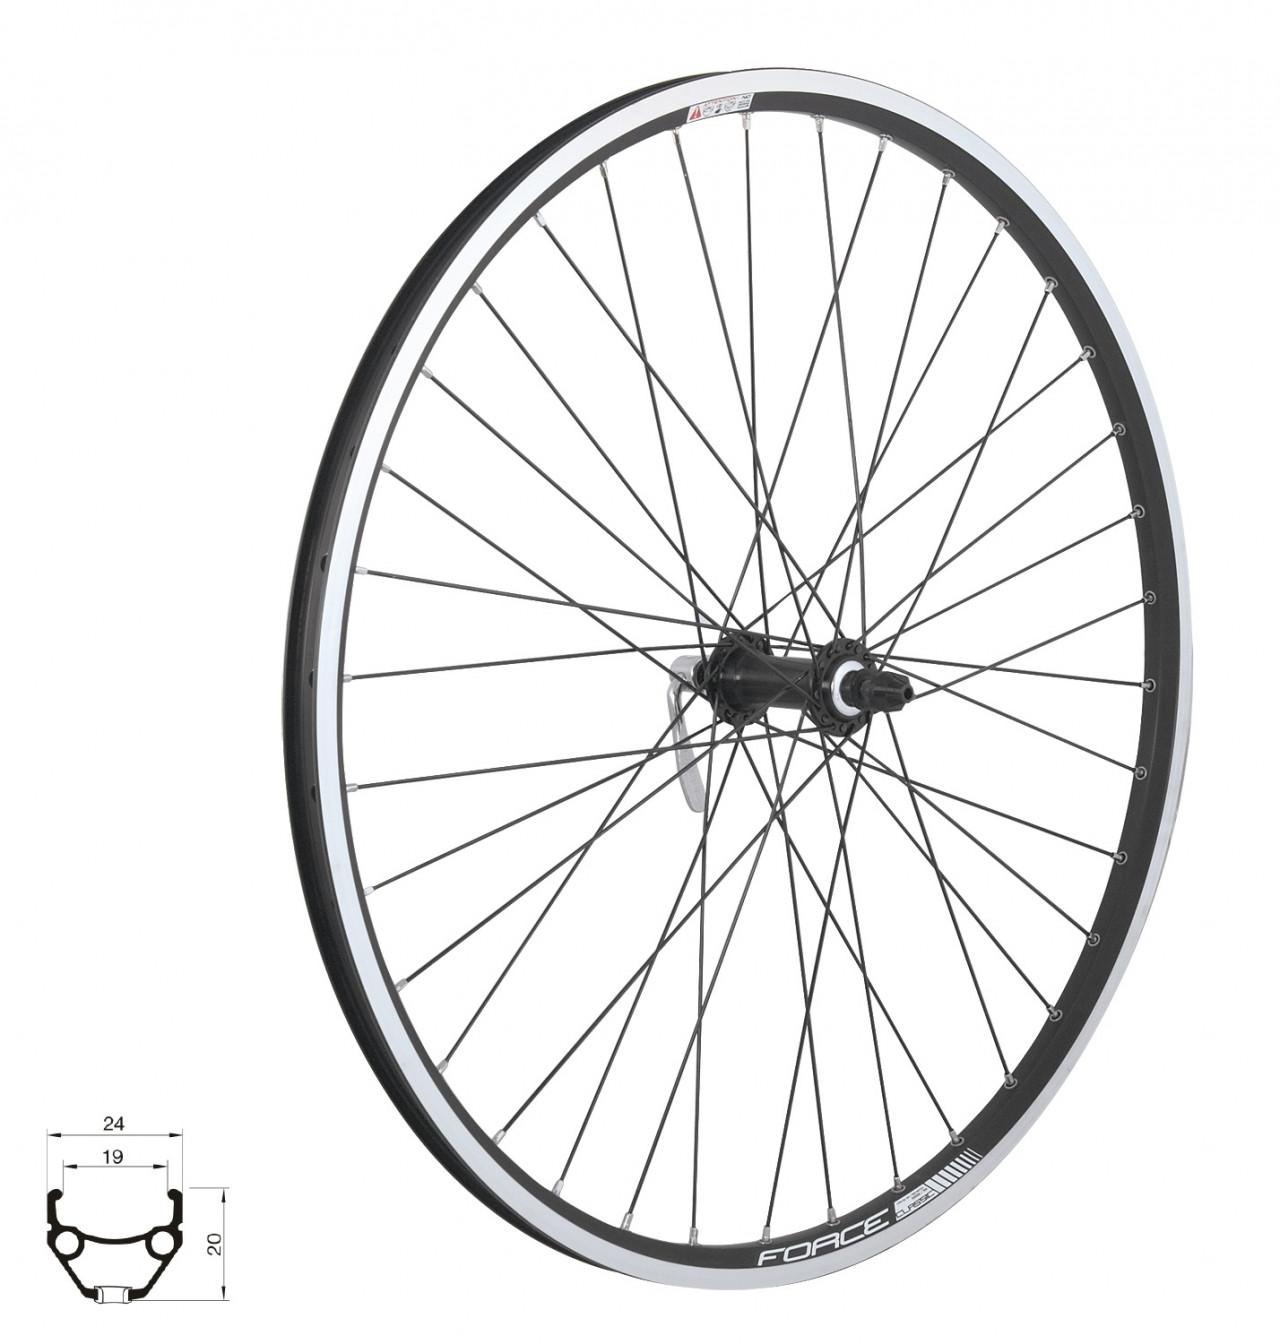 """FORCE koleso predné CLASSIC 622x19"""" V"""",  HBTX500, 36d"""